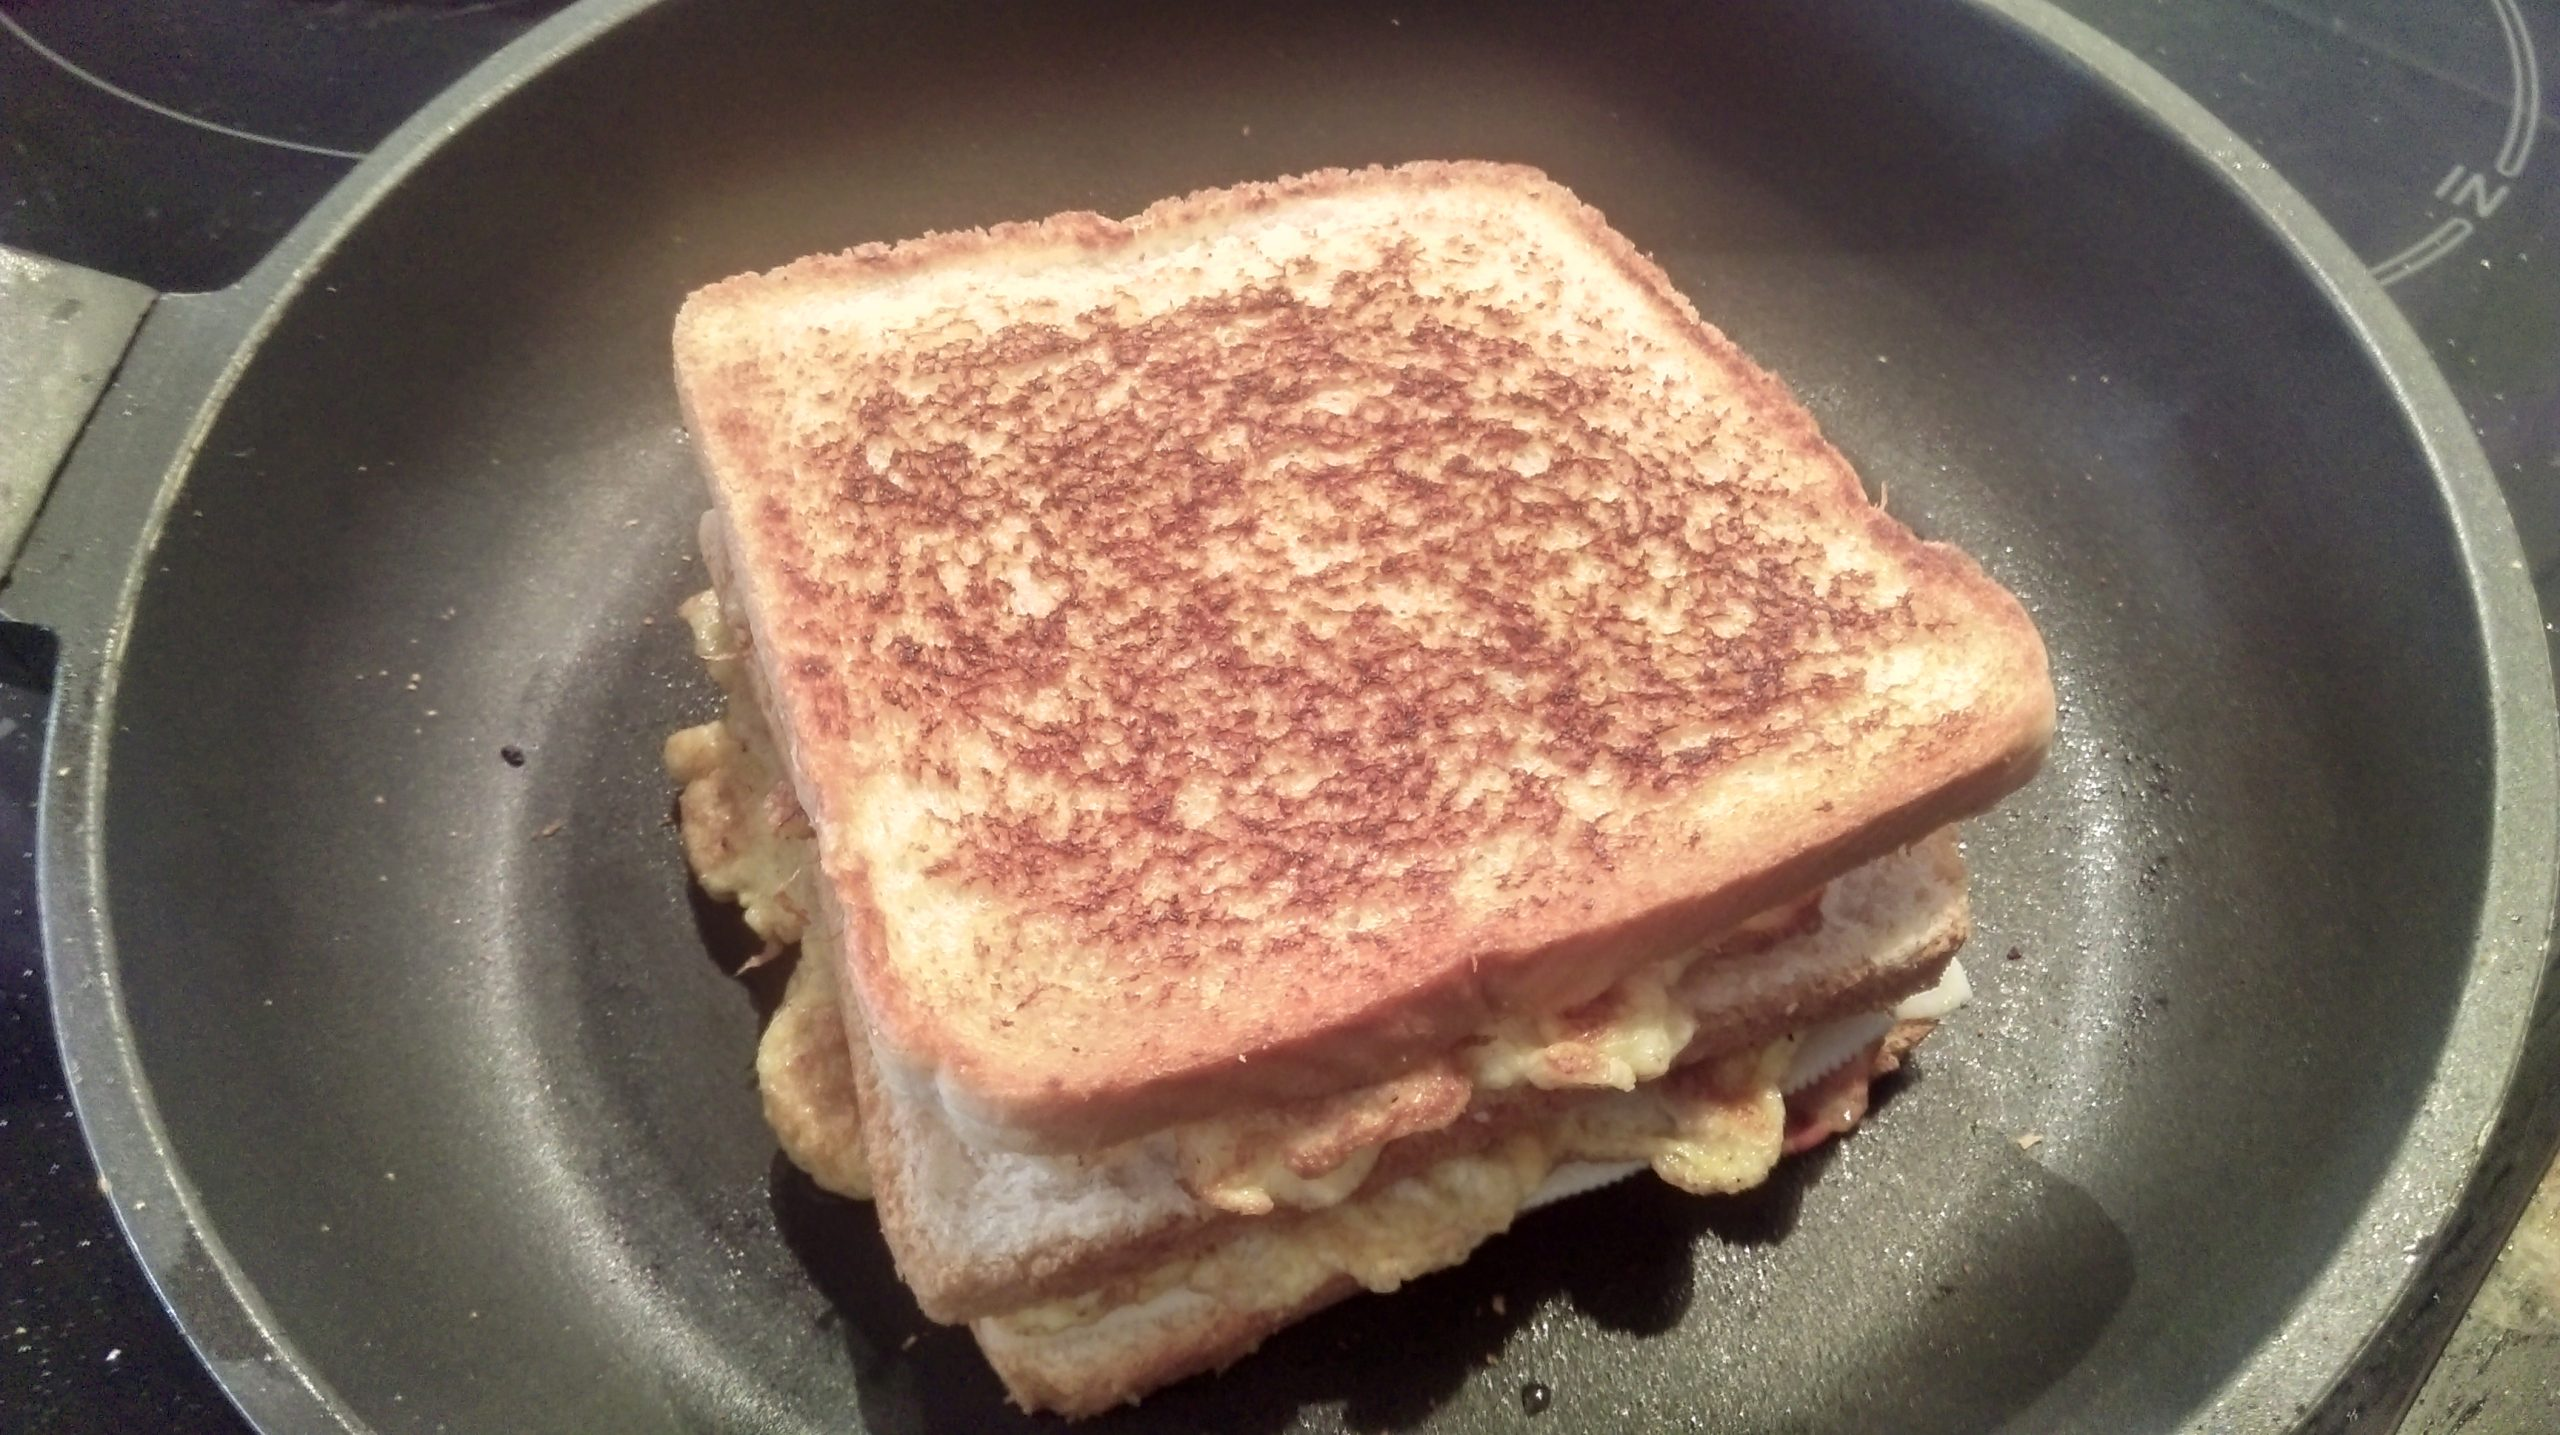 Terminando de tostar el sandwich.